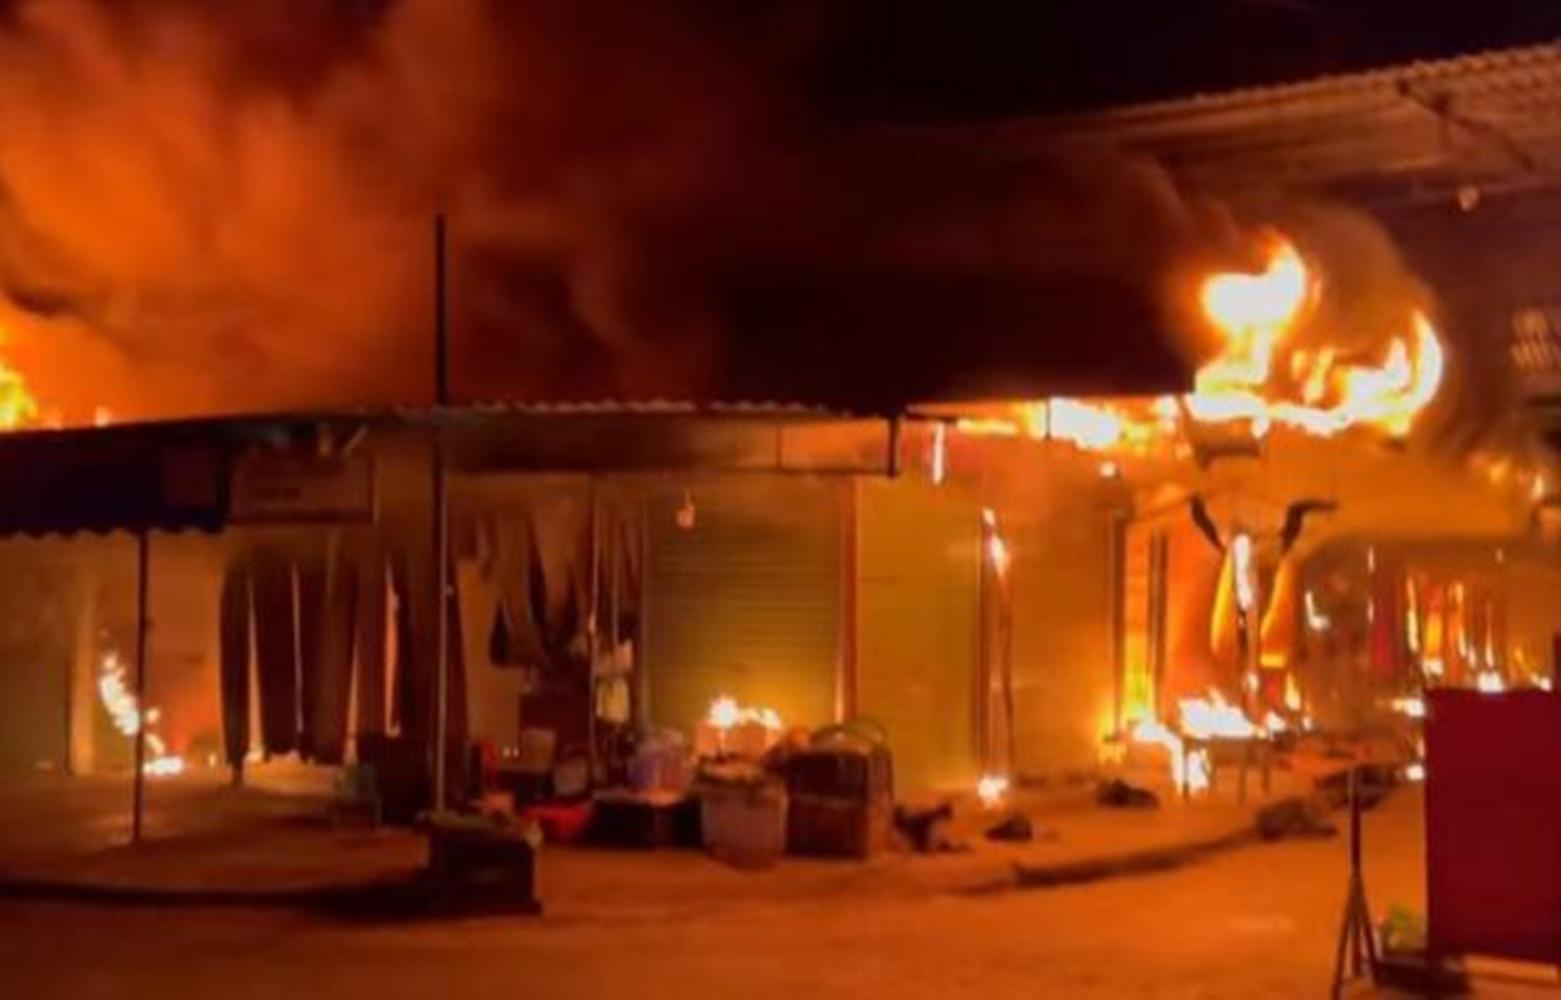 Chợ ở Hải Phòng cháy rụi Vn-chay-cho-deo-1